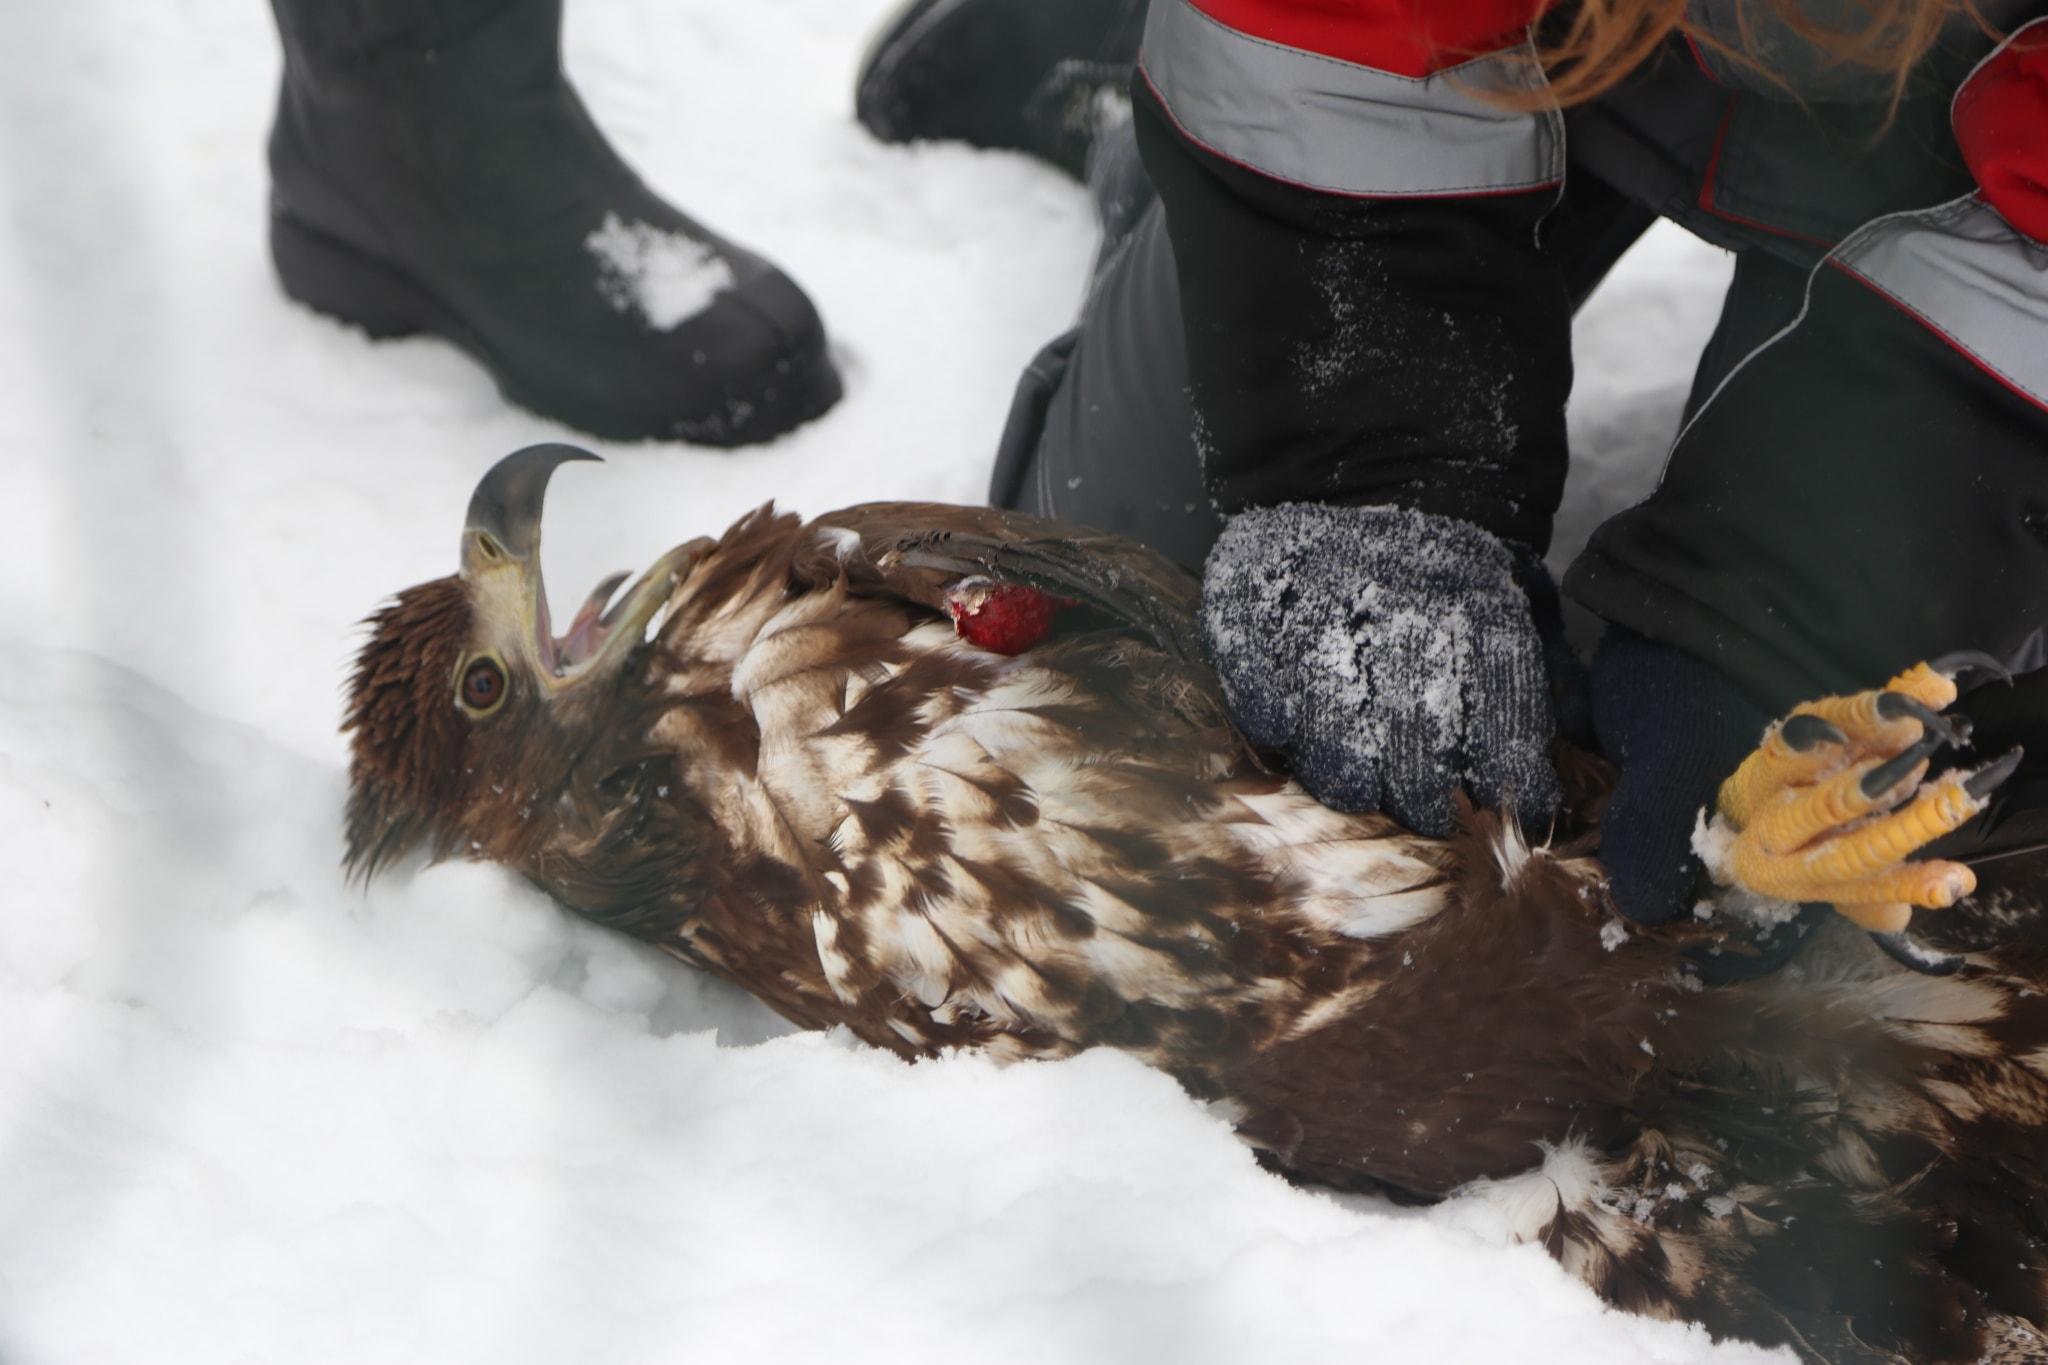 ВРостовской области кконцу зимы начнется вакцинация против гриппа птиц